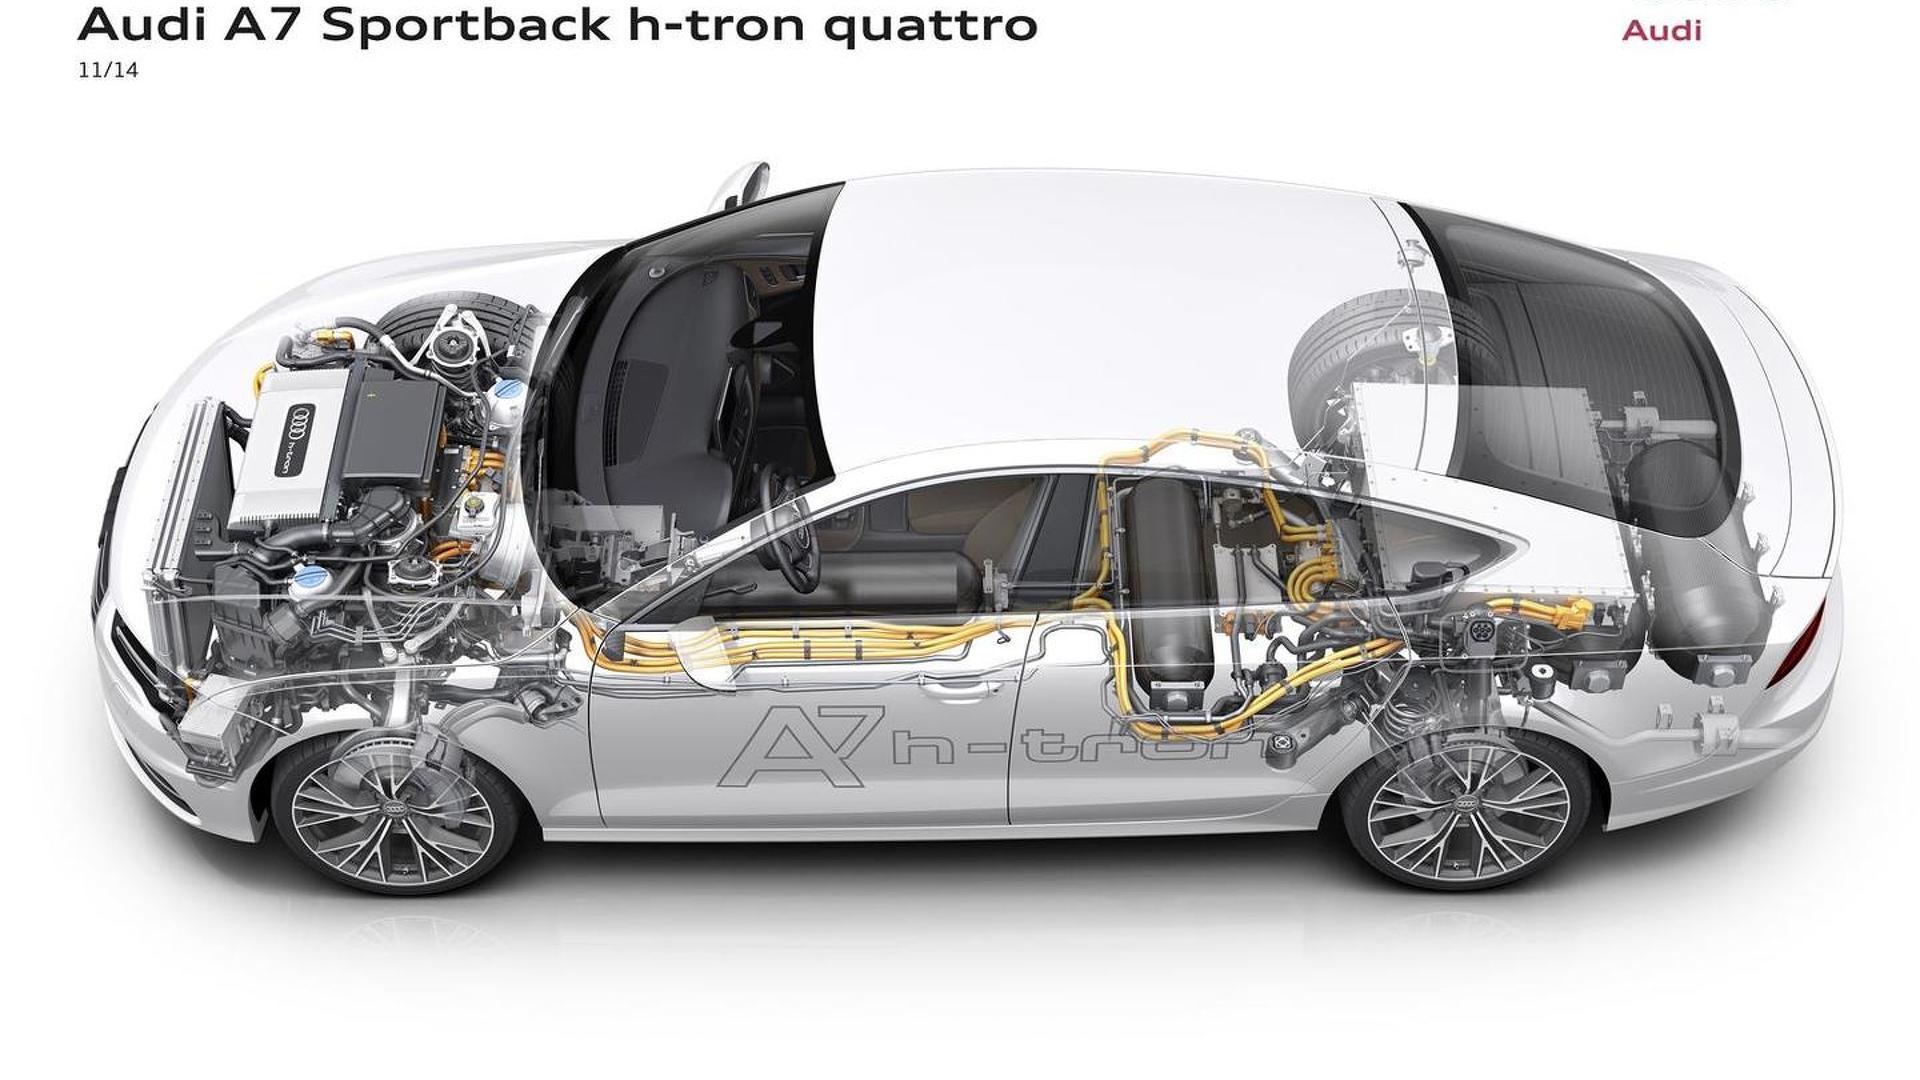 Водородный двигатель Audi A7 Sportback h-tron quattro